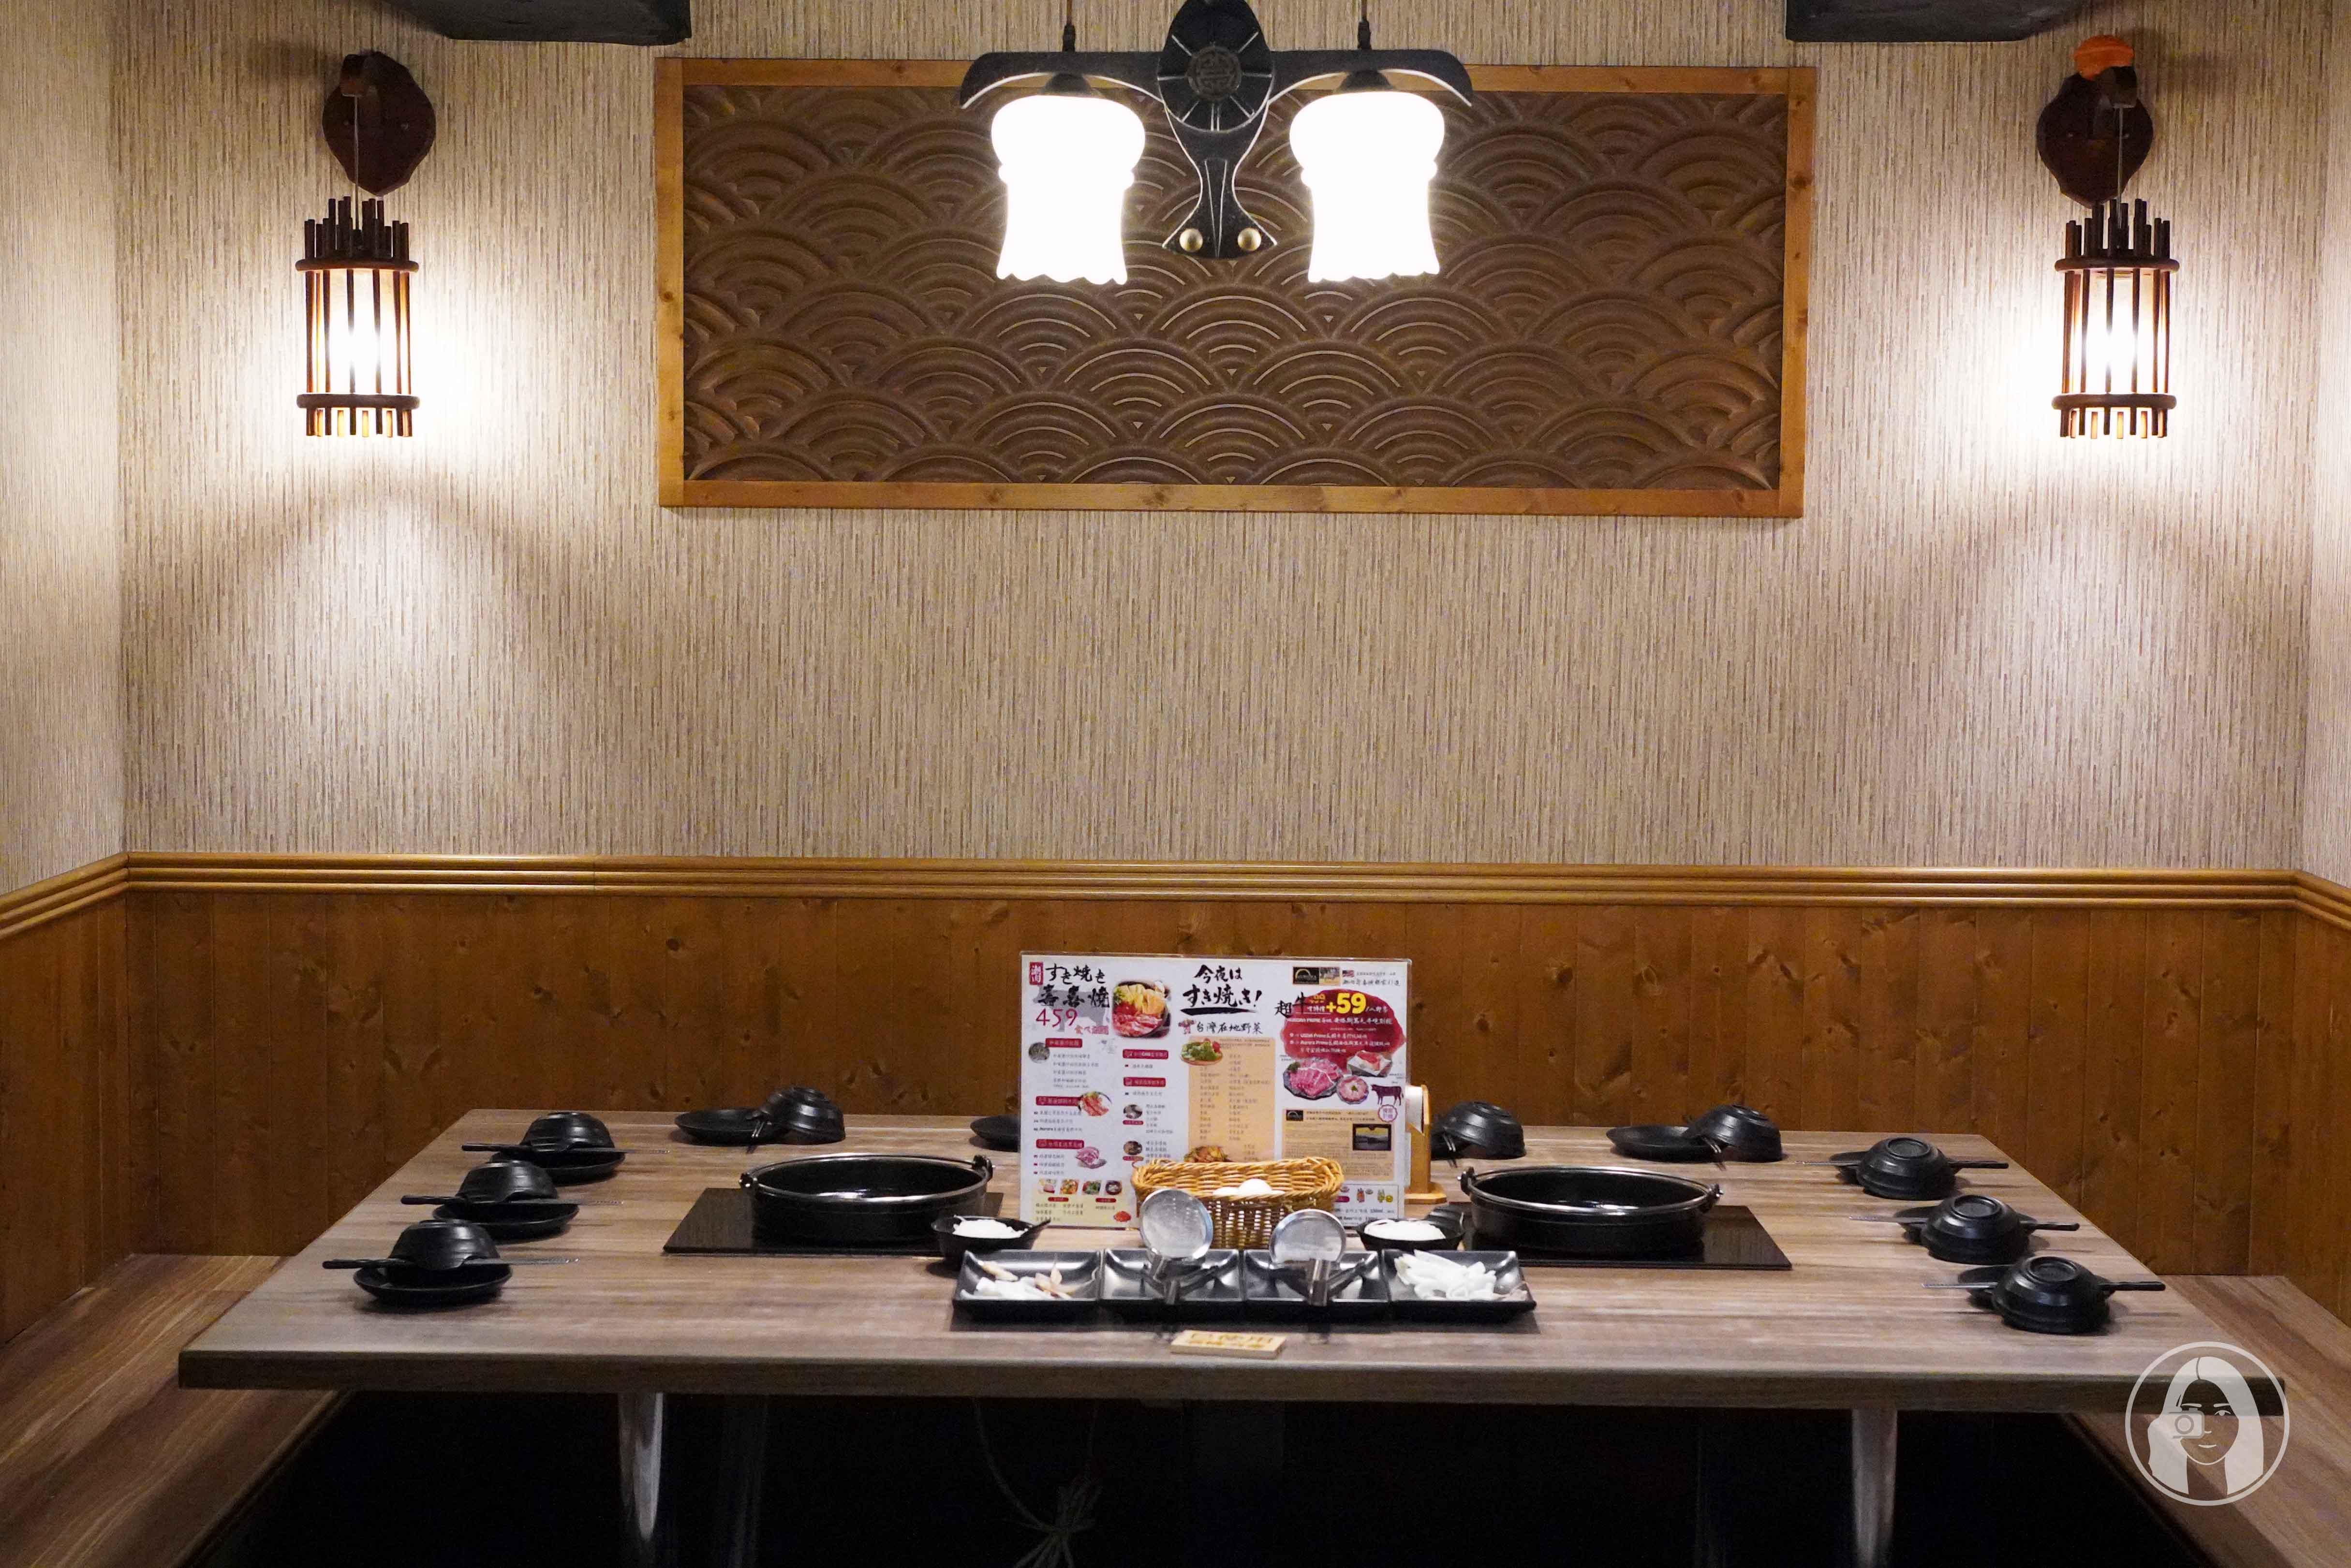 潮肉壽喜燒 吃到飽 壽喜燒外帶在家吃